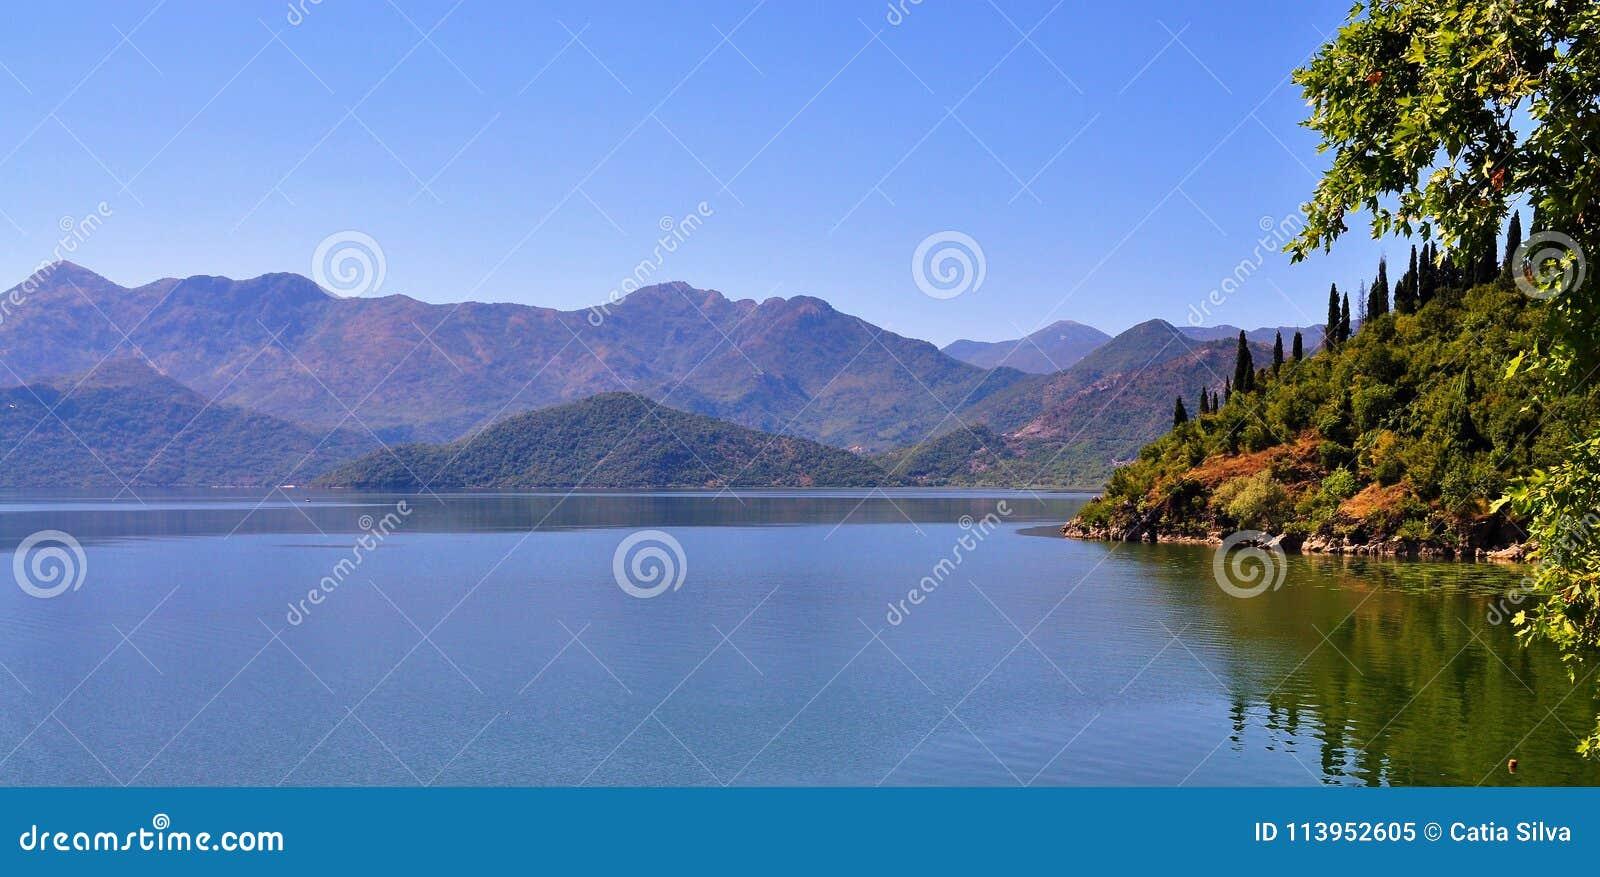 Le montagne ed il lago - lago Skadar